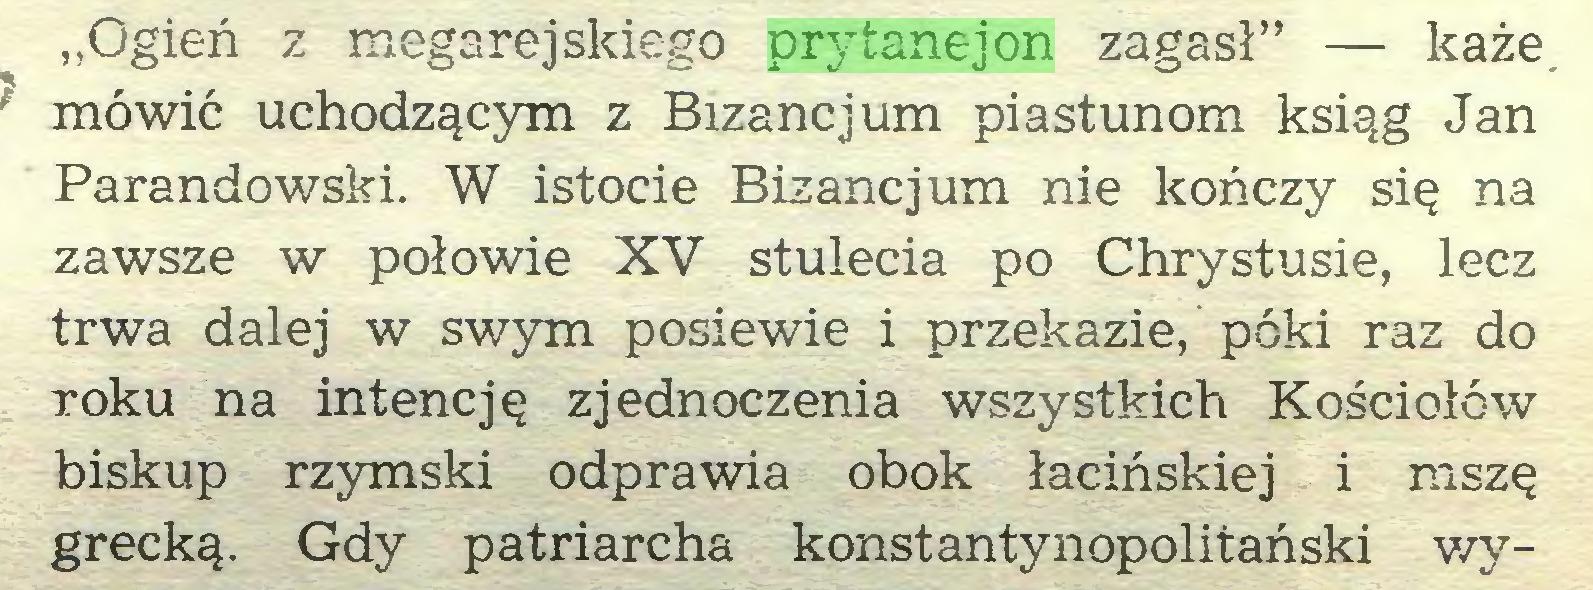 """(...) """"Ogień z megarejskiego prytanejon zagasł"""" — każe mówić uchodzącym z Bizancjum piastunom ksiąg Jan Parandowski. W istocie Bizancjum nie kończy się na zawsze w połowie XV stulecia po Chrystusie, lecz trwa dalej w swym posiewie i przekazie, póki raz do roku na intencję zjednoczenia wszystkich Kościołów biskup rzymski odprawia obok łacińskiej i mszę grecką. Gdy patriarcha konstantynopolitański wy..."""